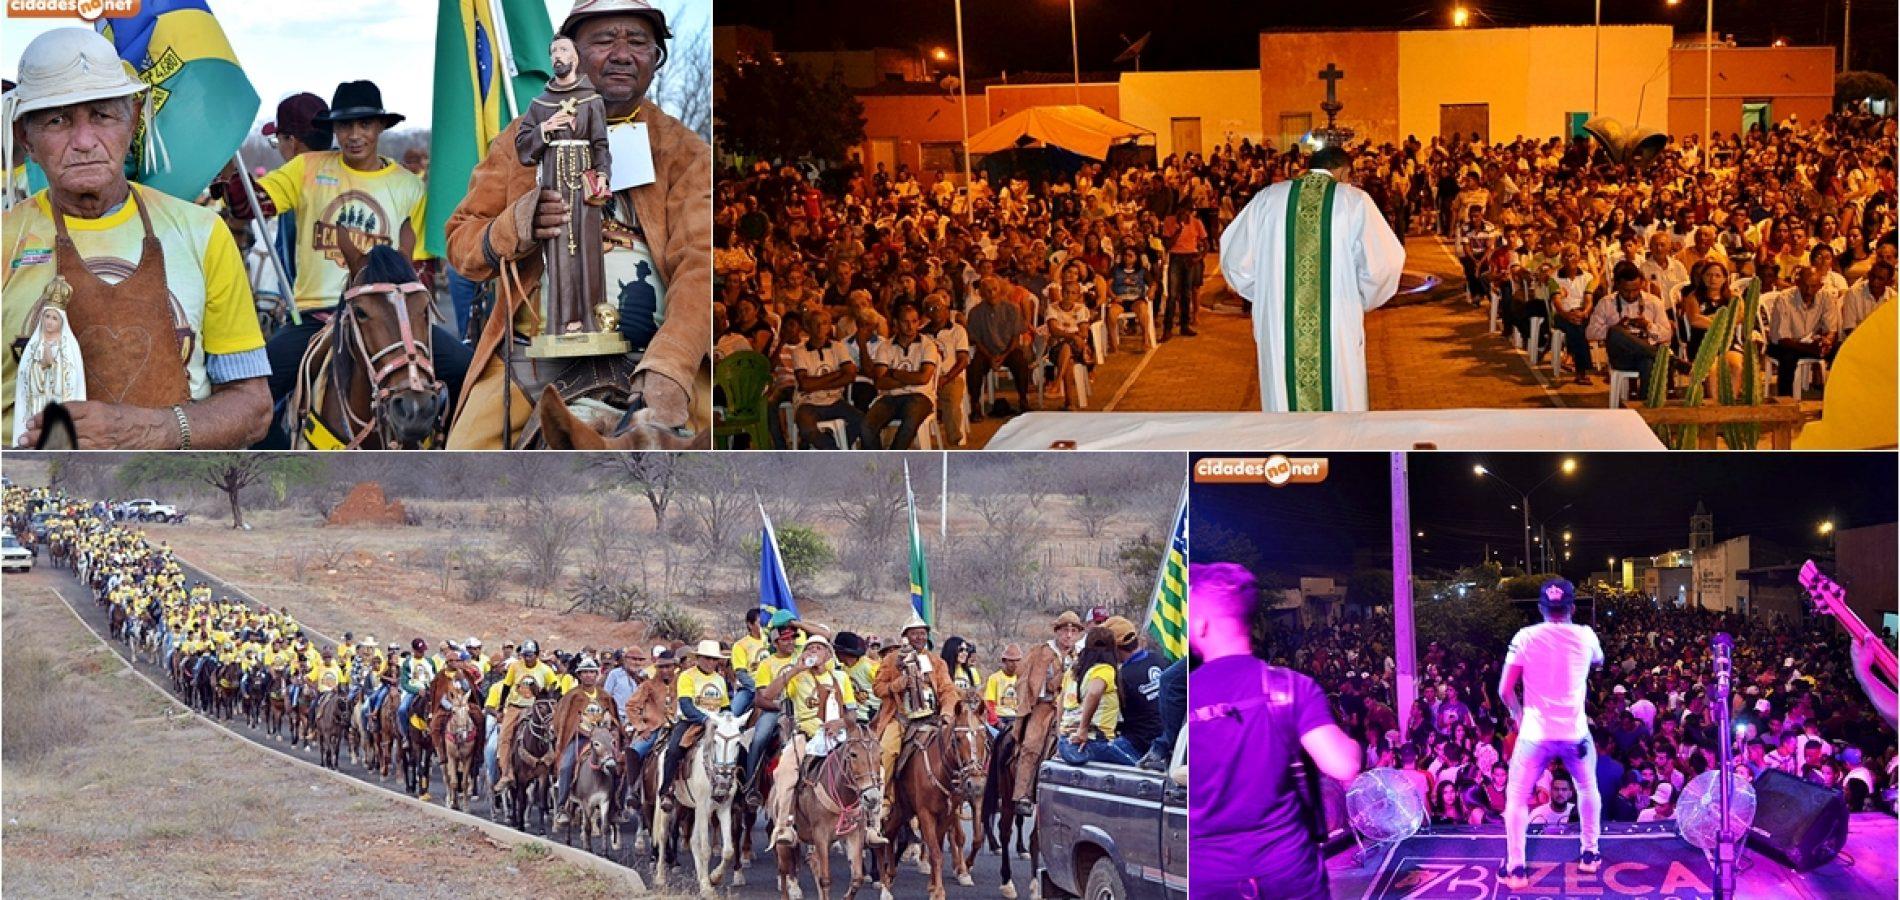 FOTOS | Cavalgada, missa e festa em homenagem aos vaqueiros em Curral Novo do Piauí